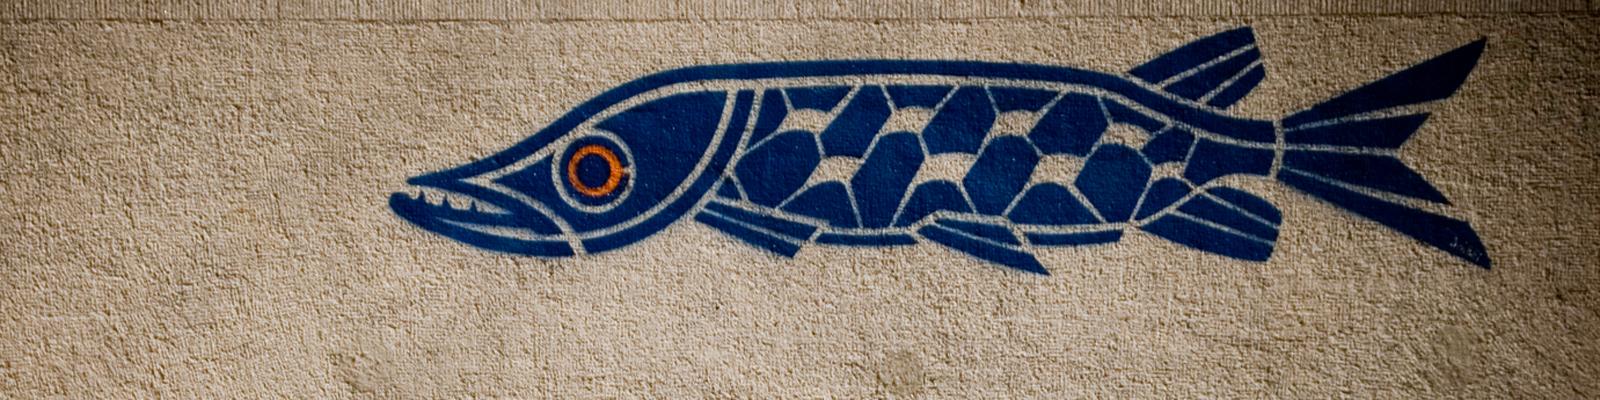 Ein Fisch-Graffiti auf einer Mauer